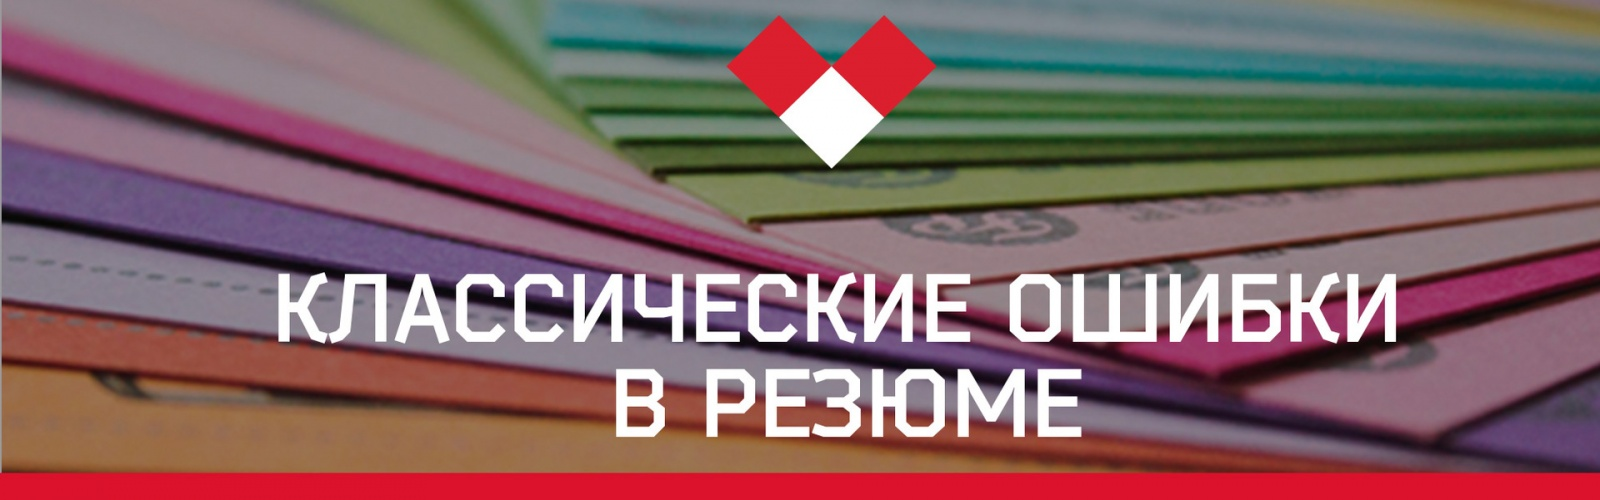 Классические ошибки в резюме -- опыт icanchoose.ru - 1